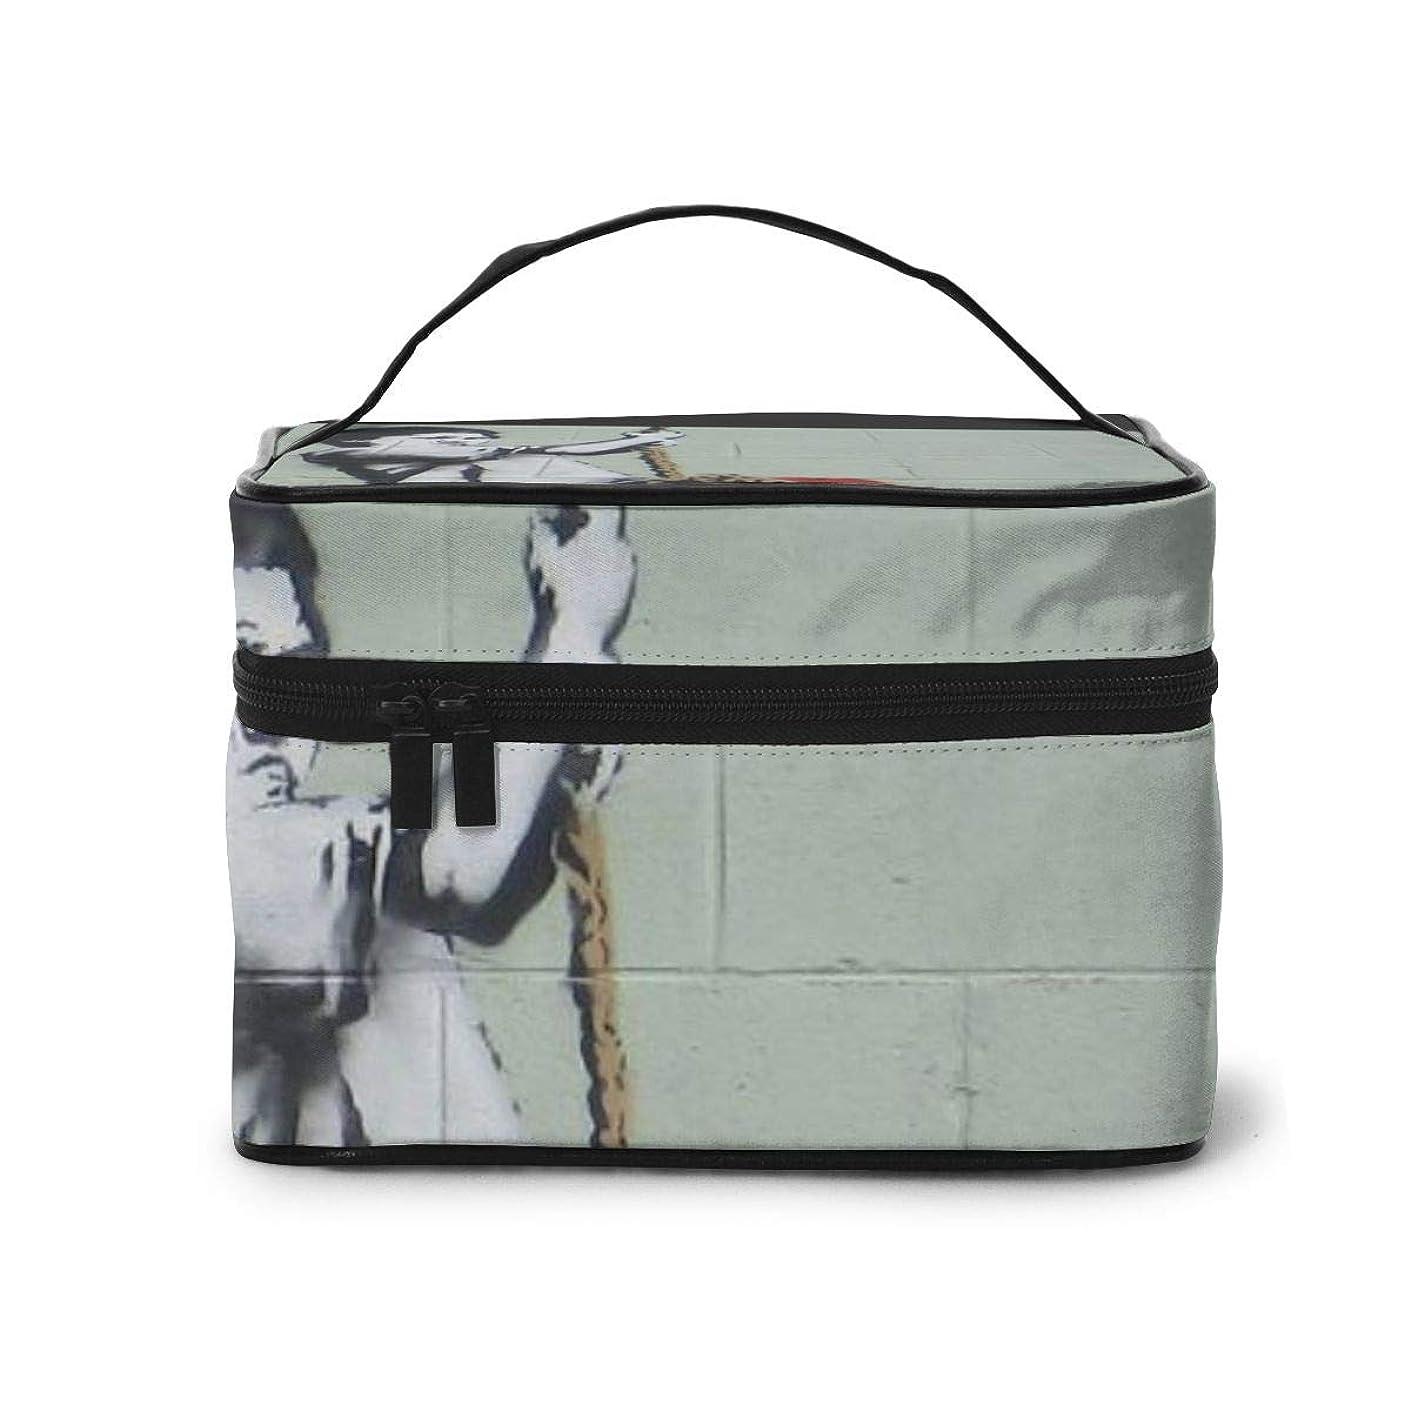 ストレスの多い望ましい一部メイクポーチ 化粧ポーチ コスメバッグ バニティケース トラベルポーチ Banksy バンクシー 雑貨 小物入れ 出張用 超軽量 機能的 大容量 収納ボックス